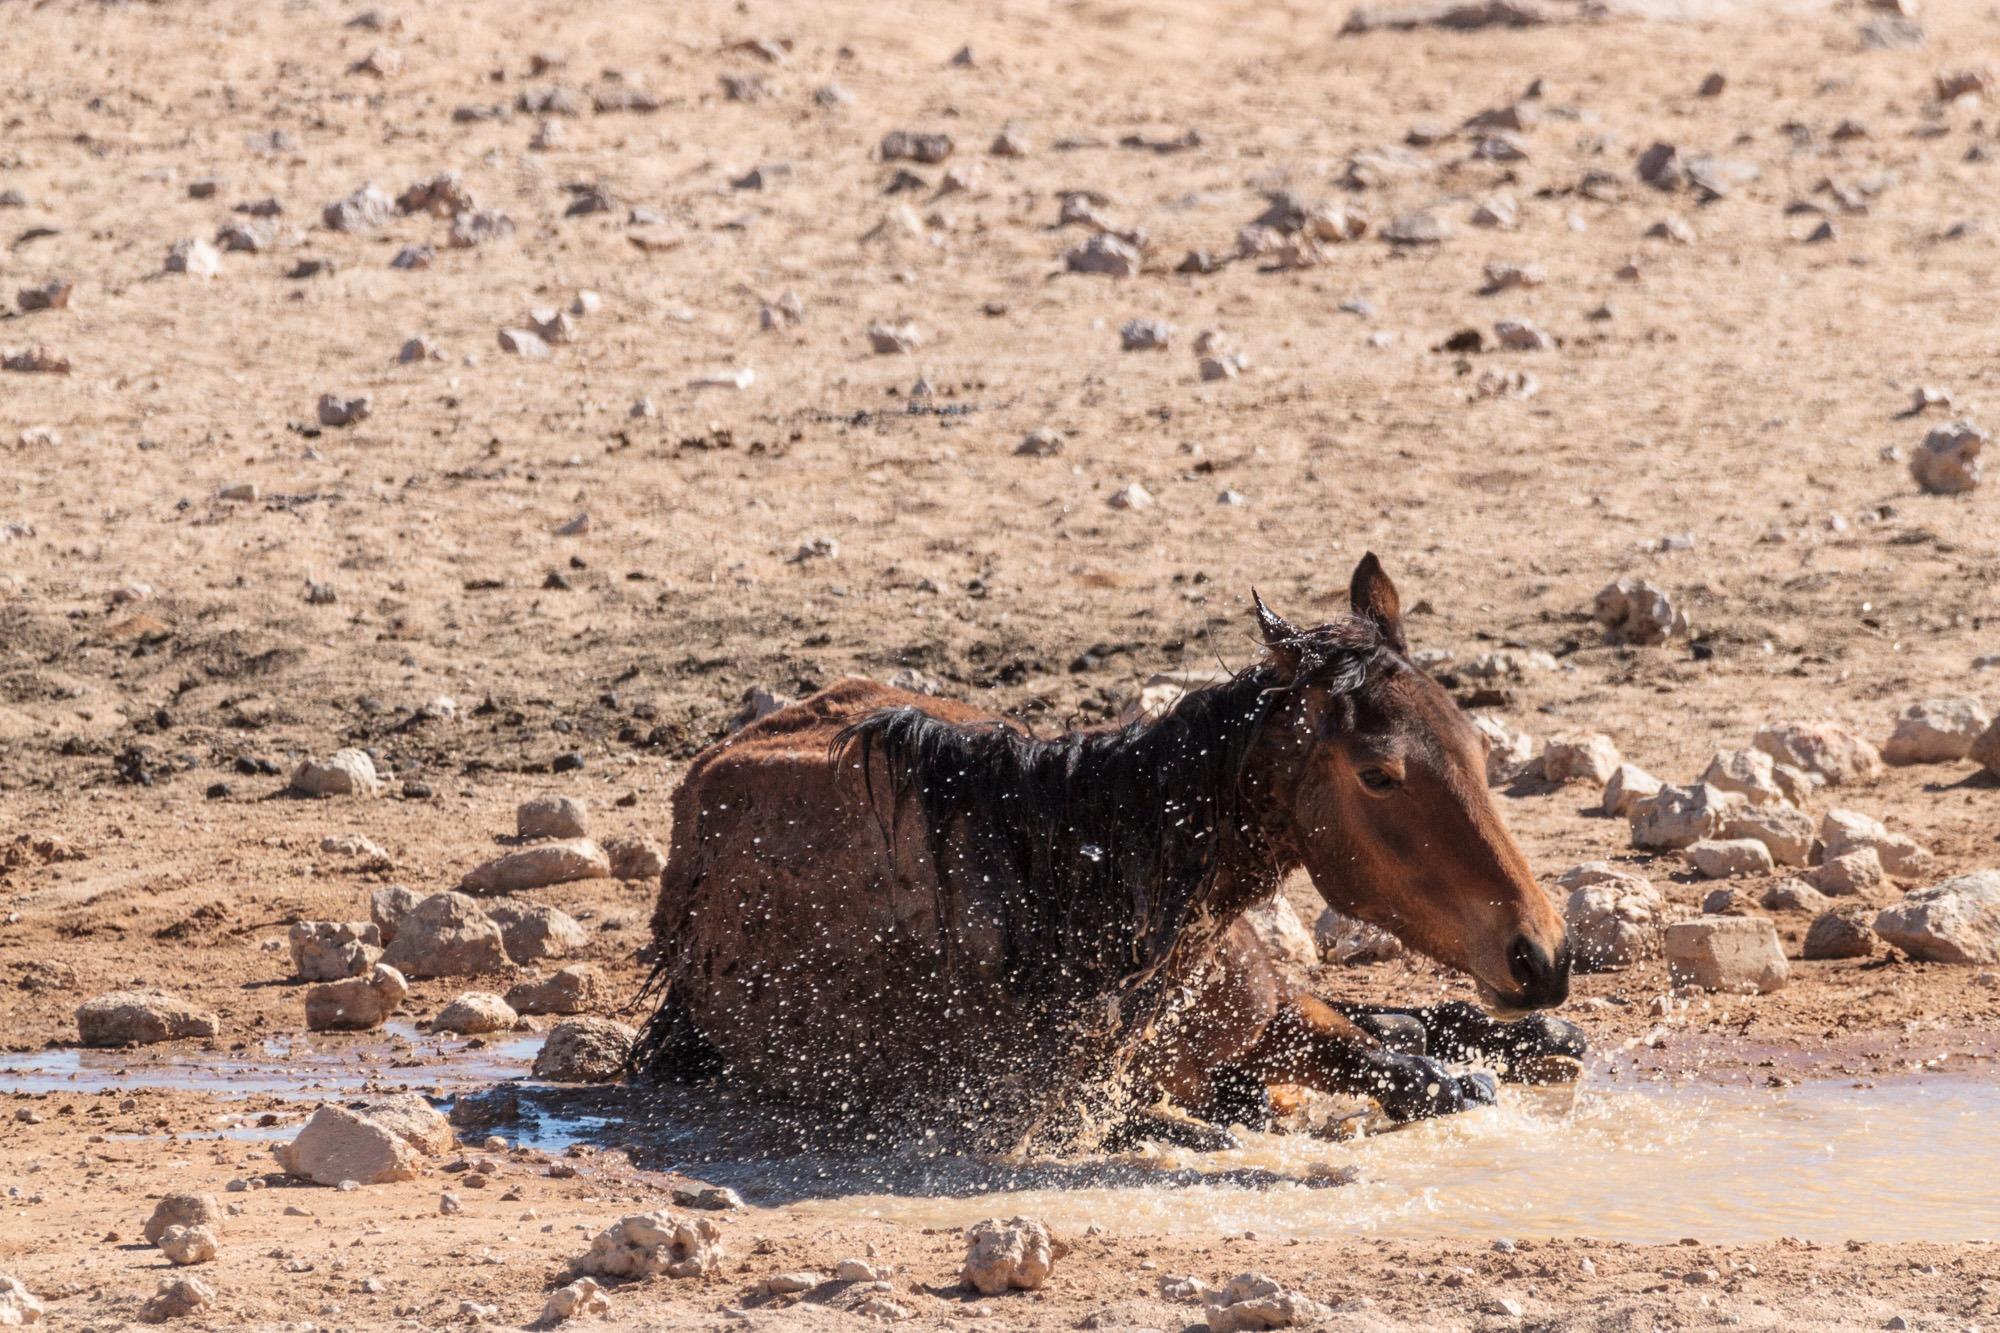 Garub Wildpferd badet im Wasserloch in der Namib Wüste in Namibia